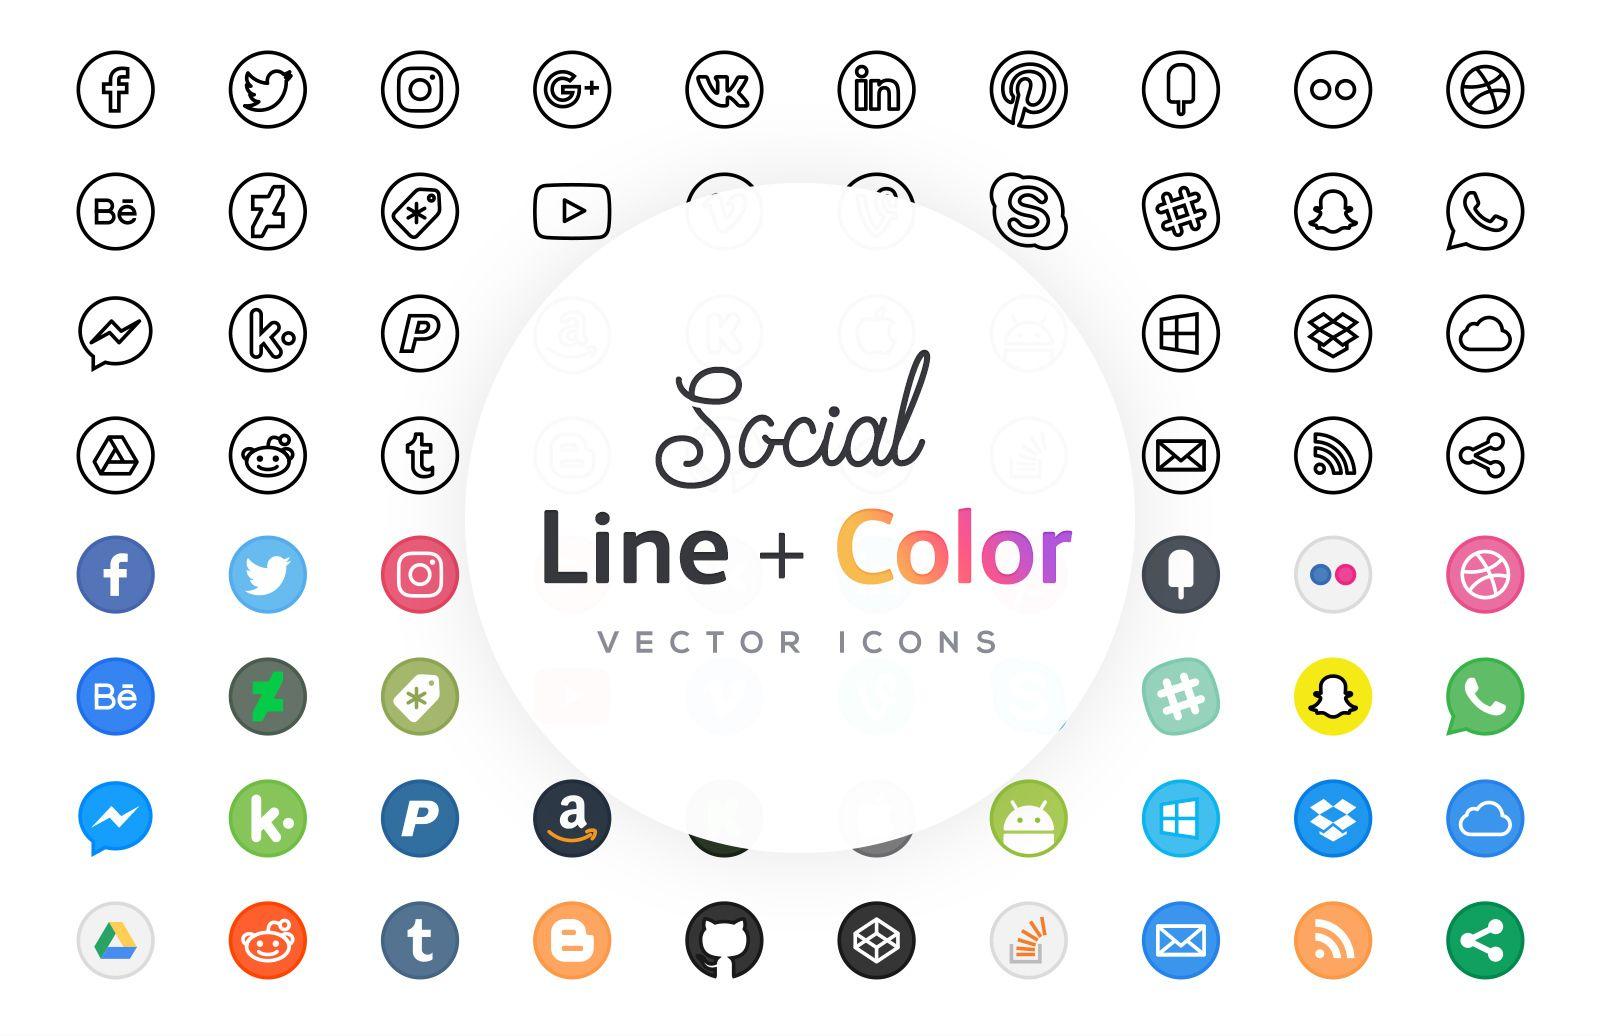 Free Line Icons Social Line icon, Social icons, Icon set